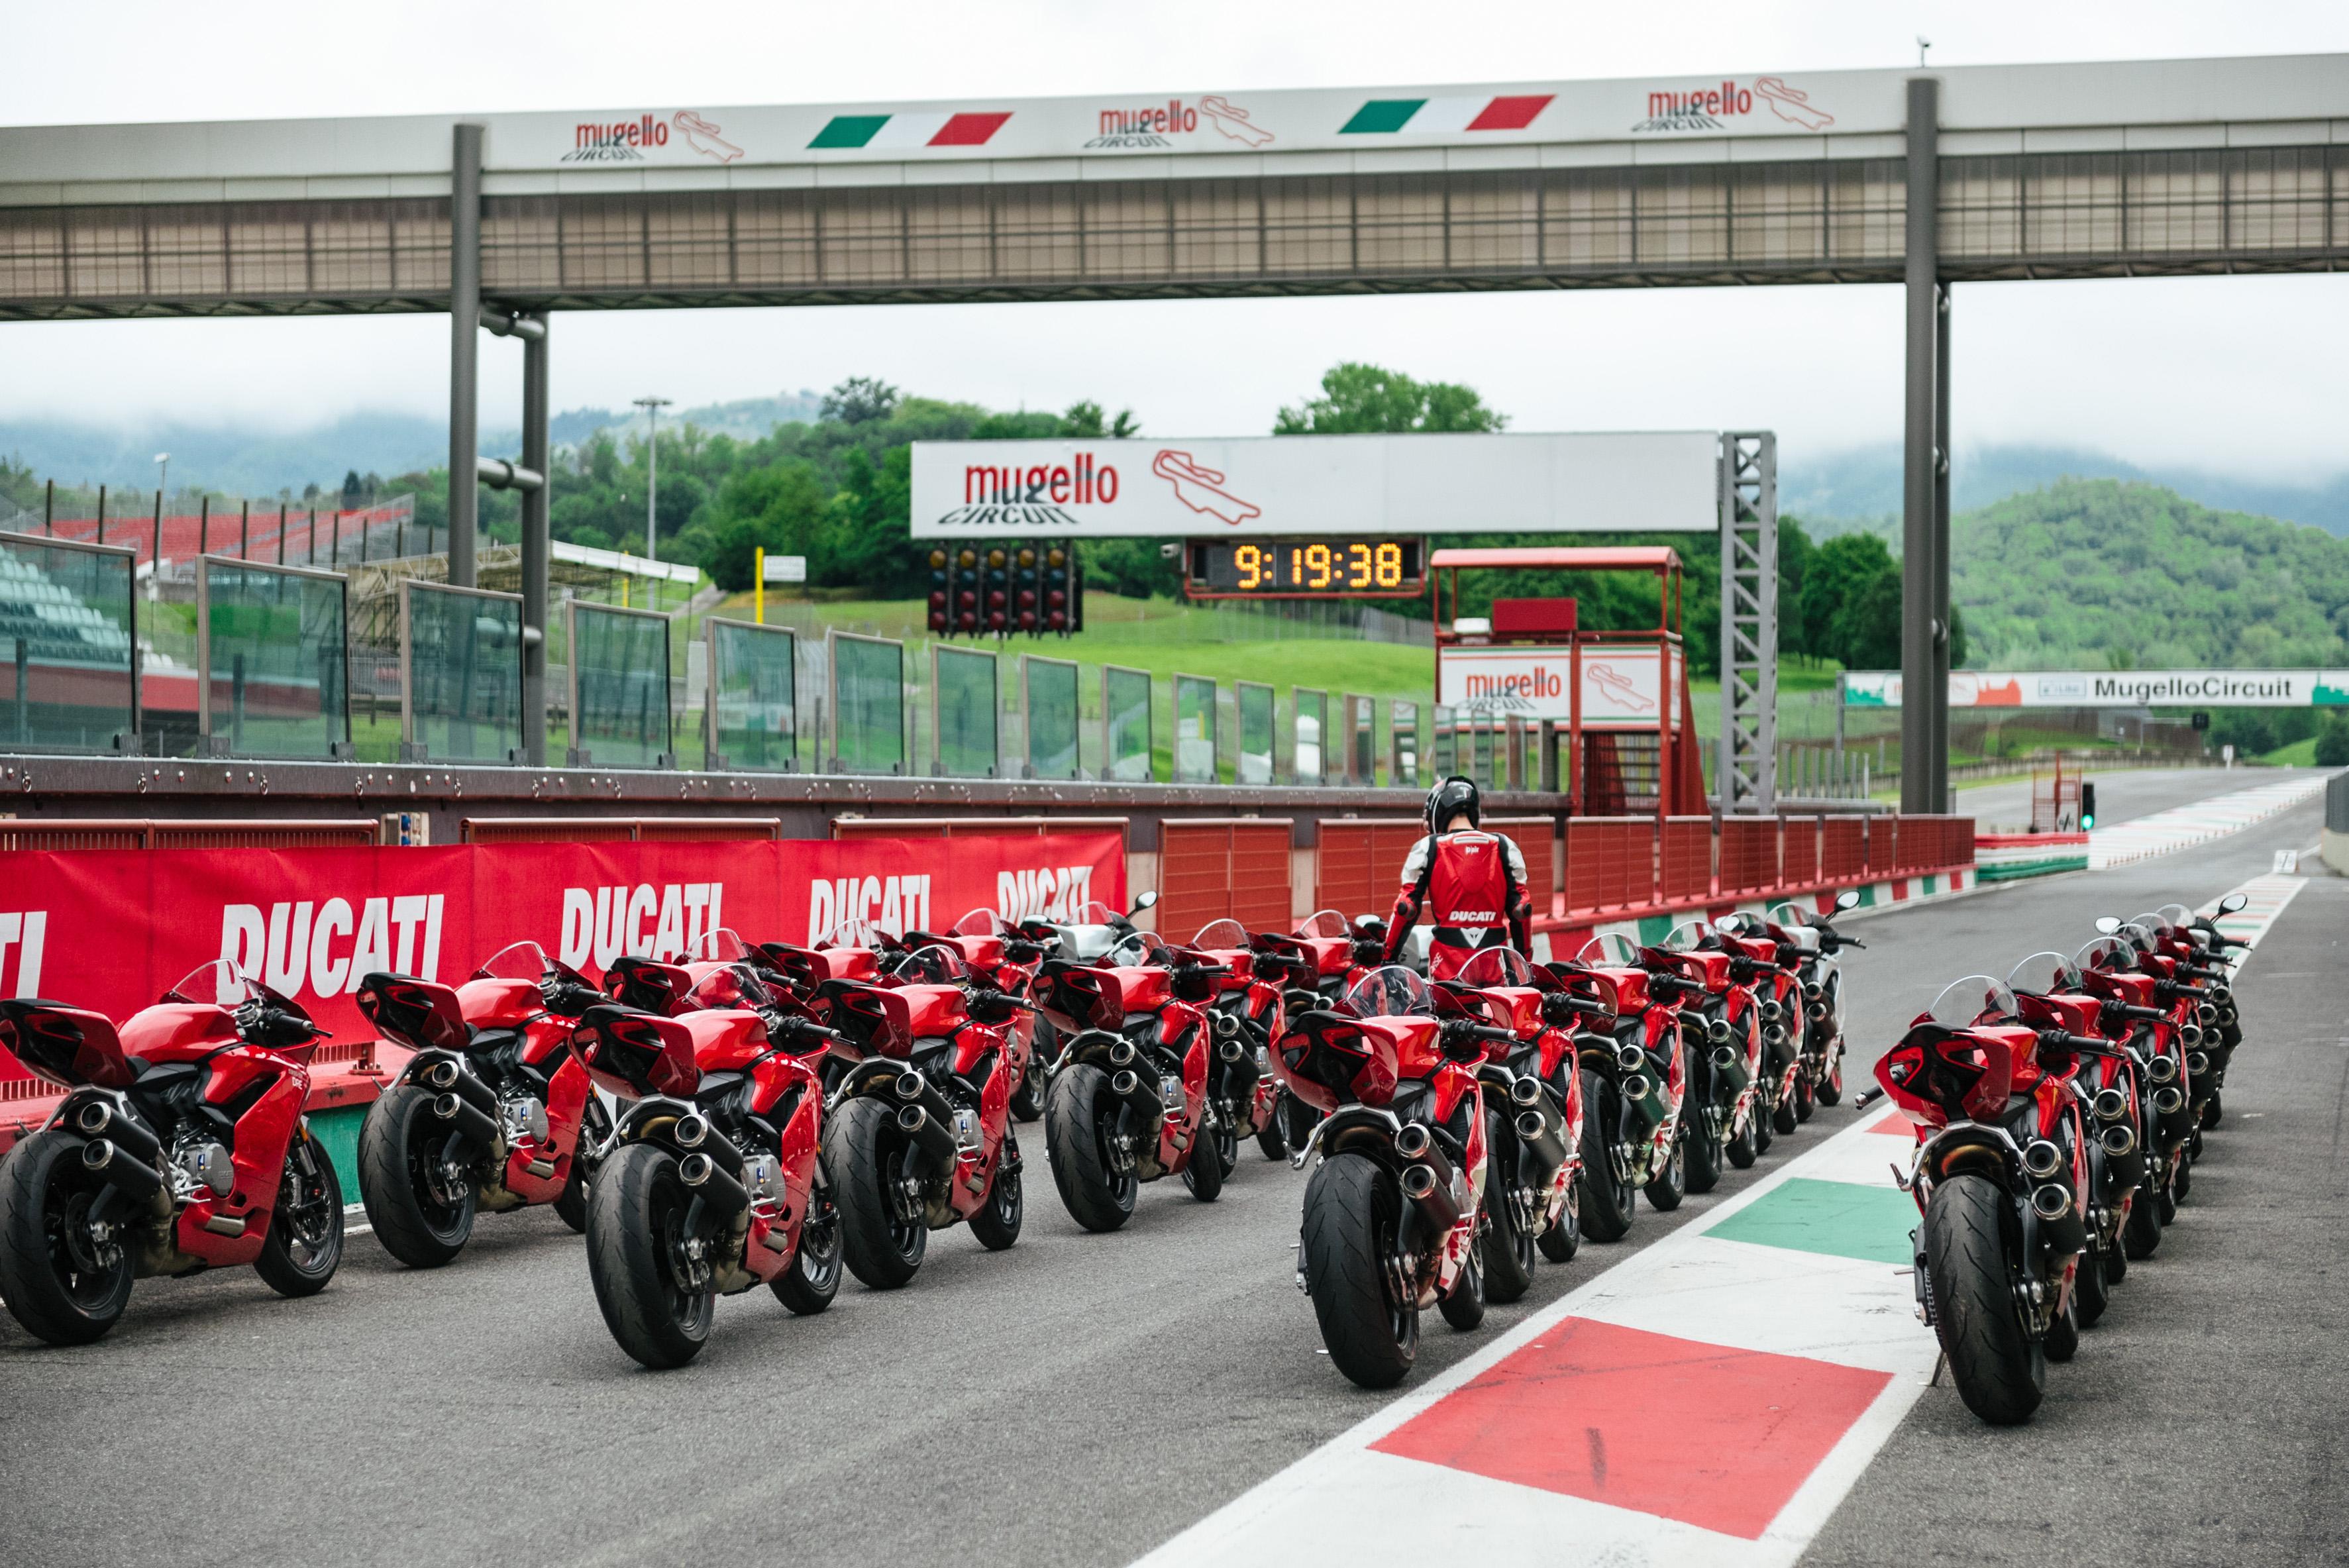 Novos cursos e experiências com a Ducati Riding Academy